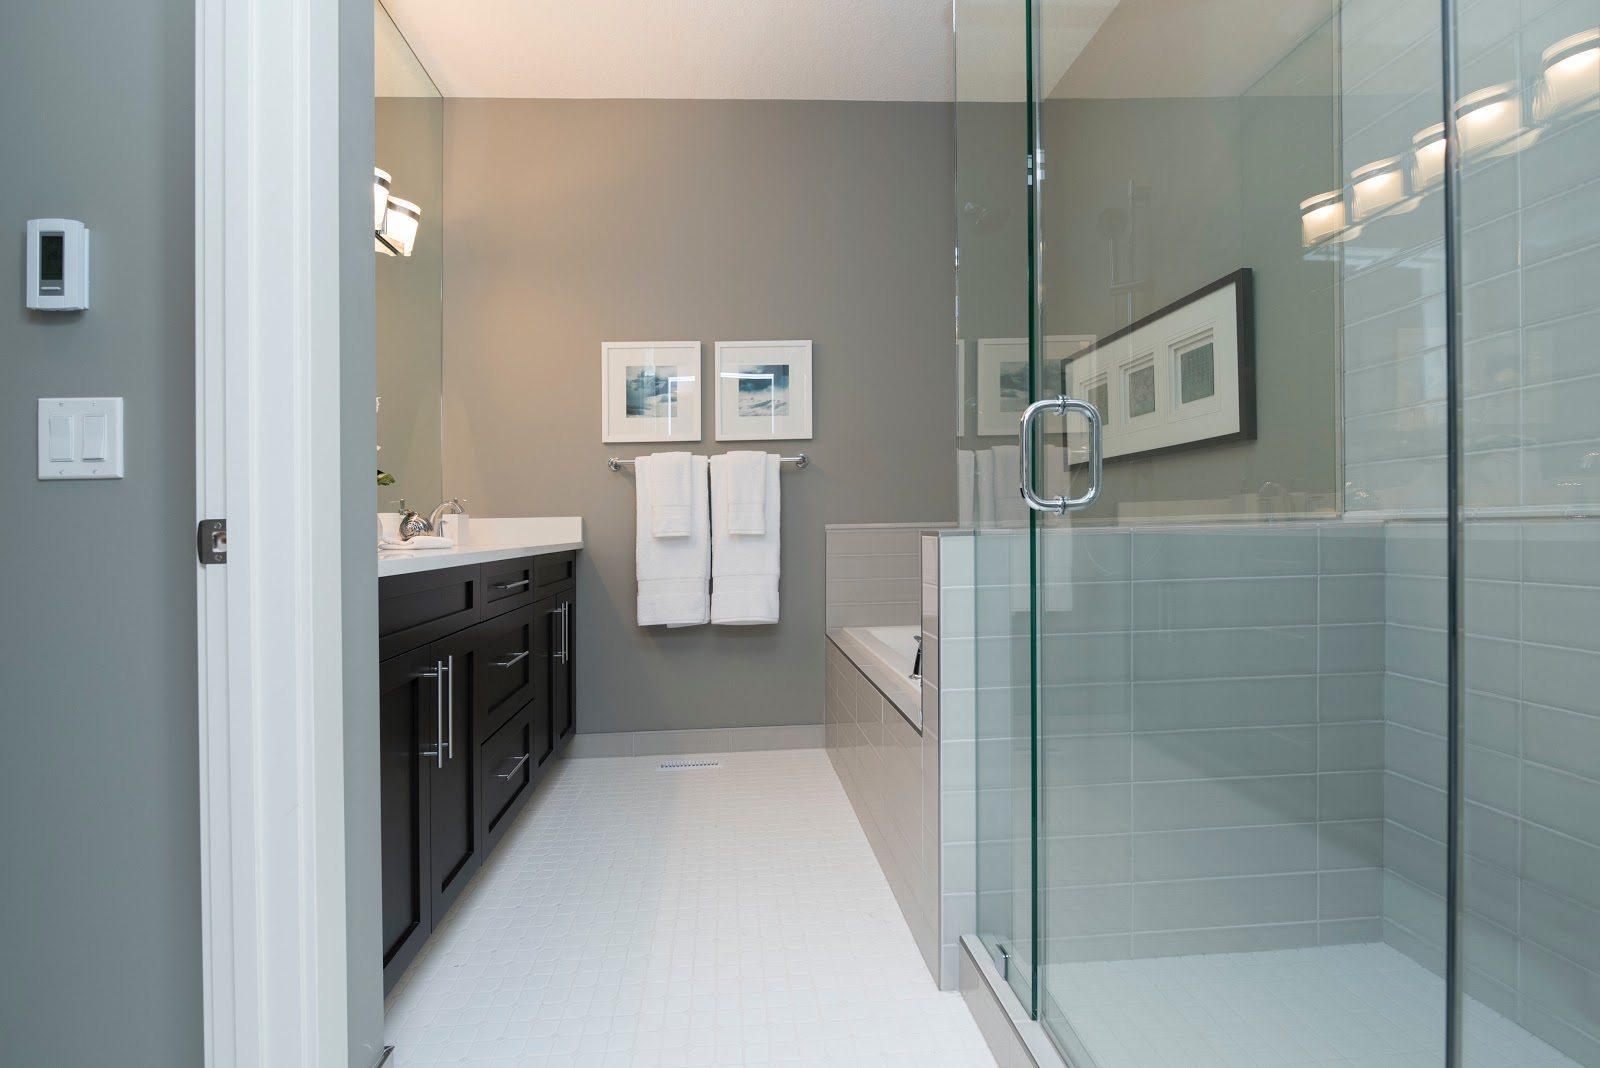 A modern bathroom in a Kansas City house for sale.